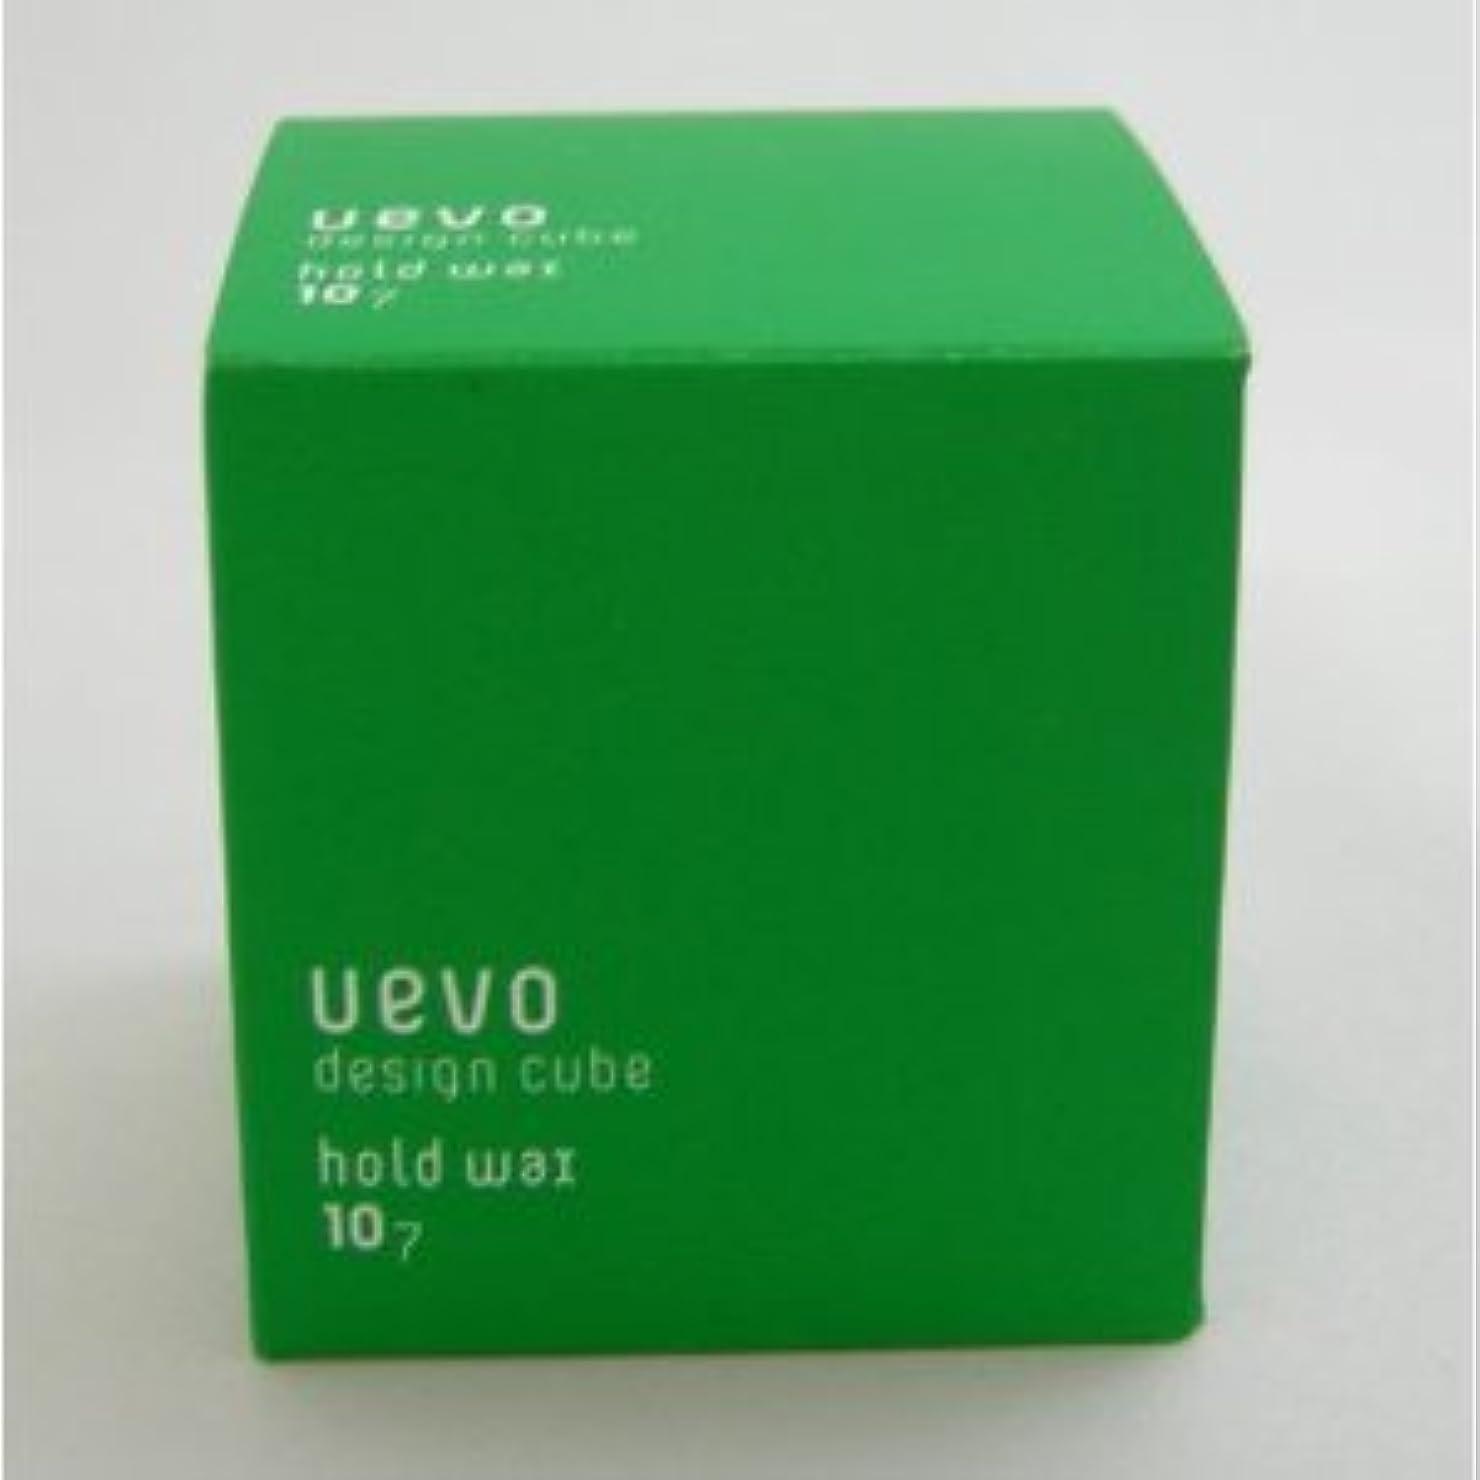 説得力のある藤色免除する【X3個セット】 デミ ウェーボ デザインキューブ ホールドワックス 80g hold wax